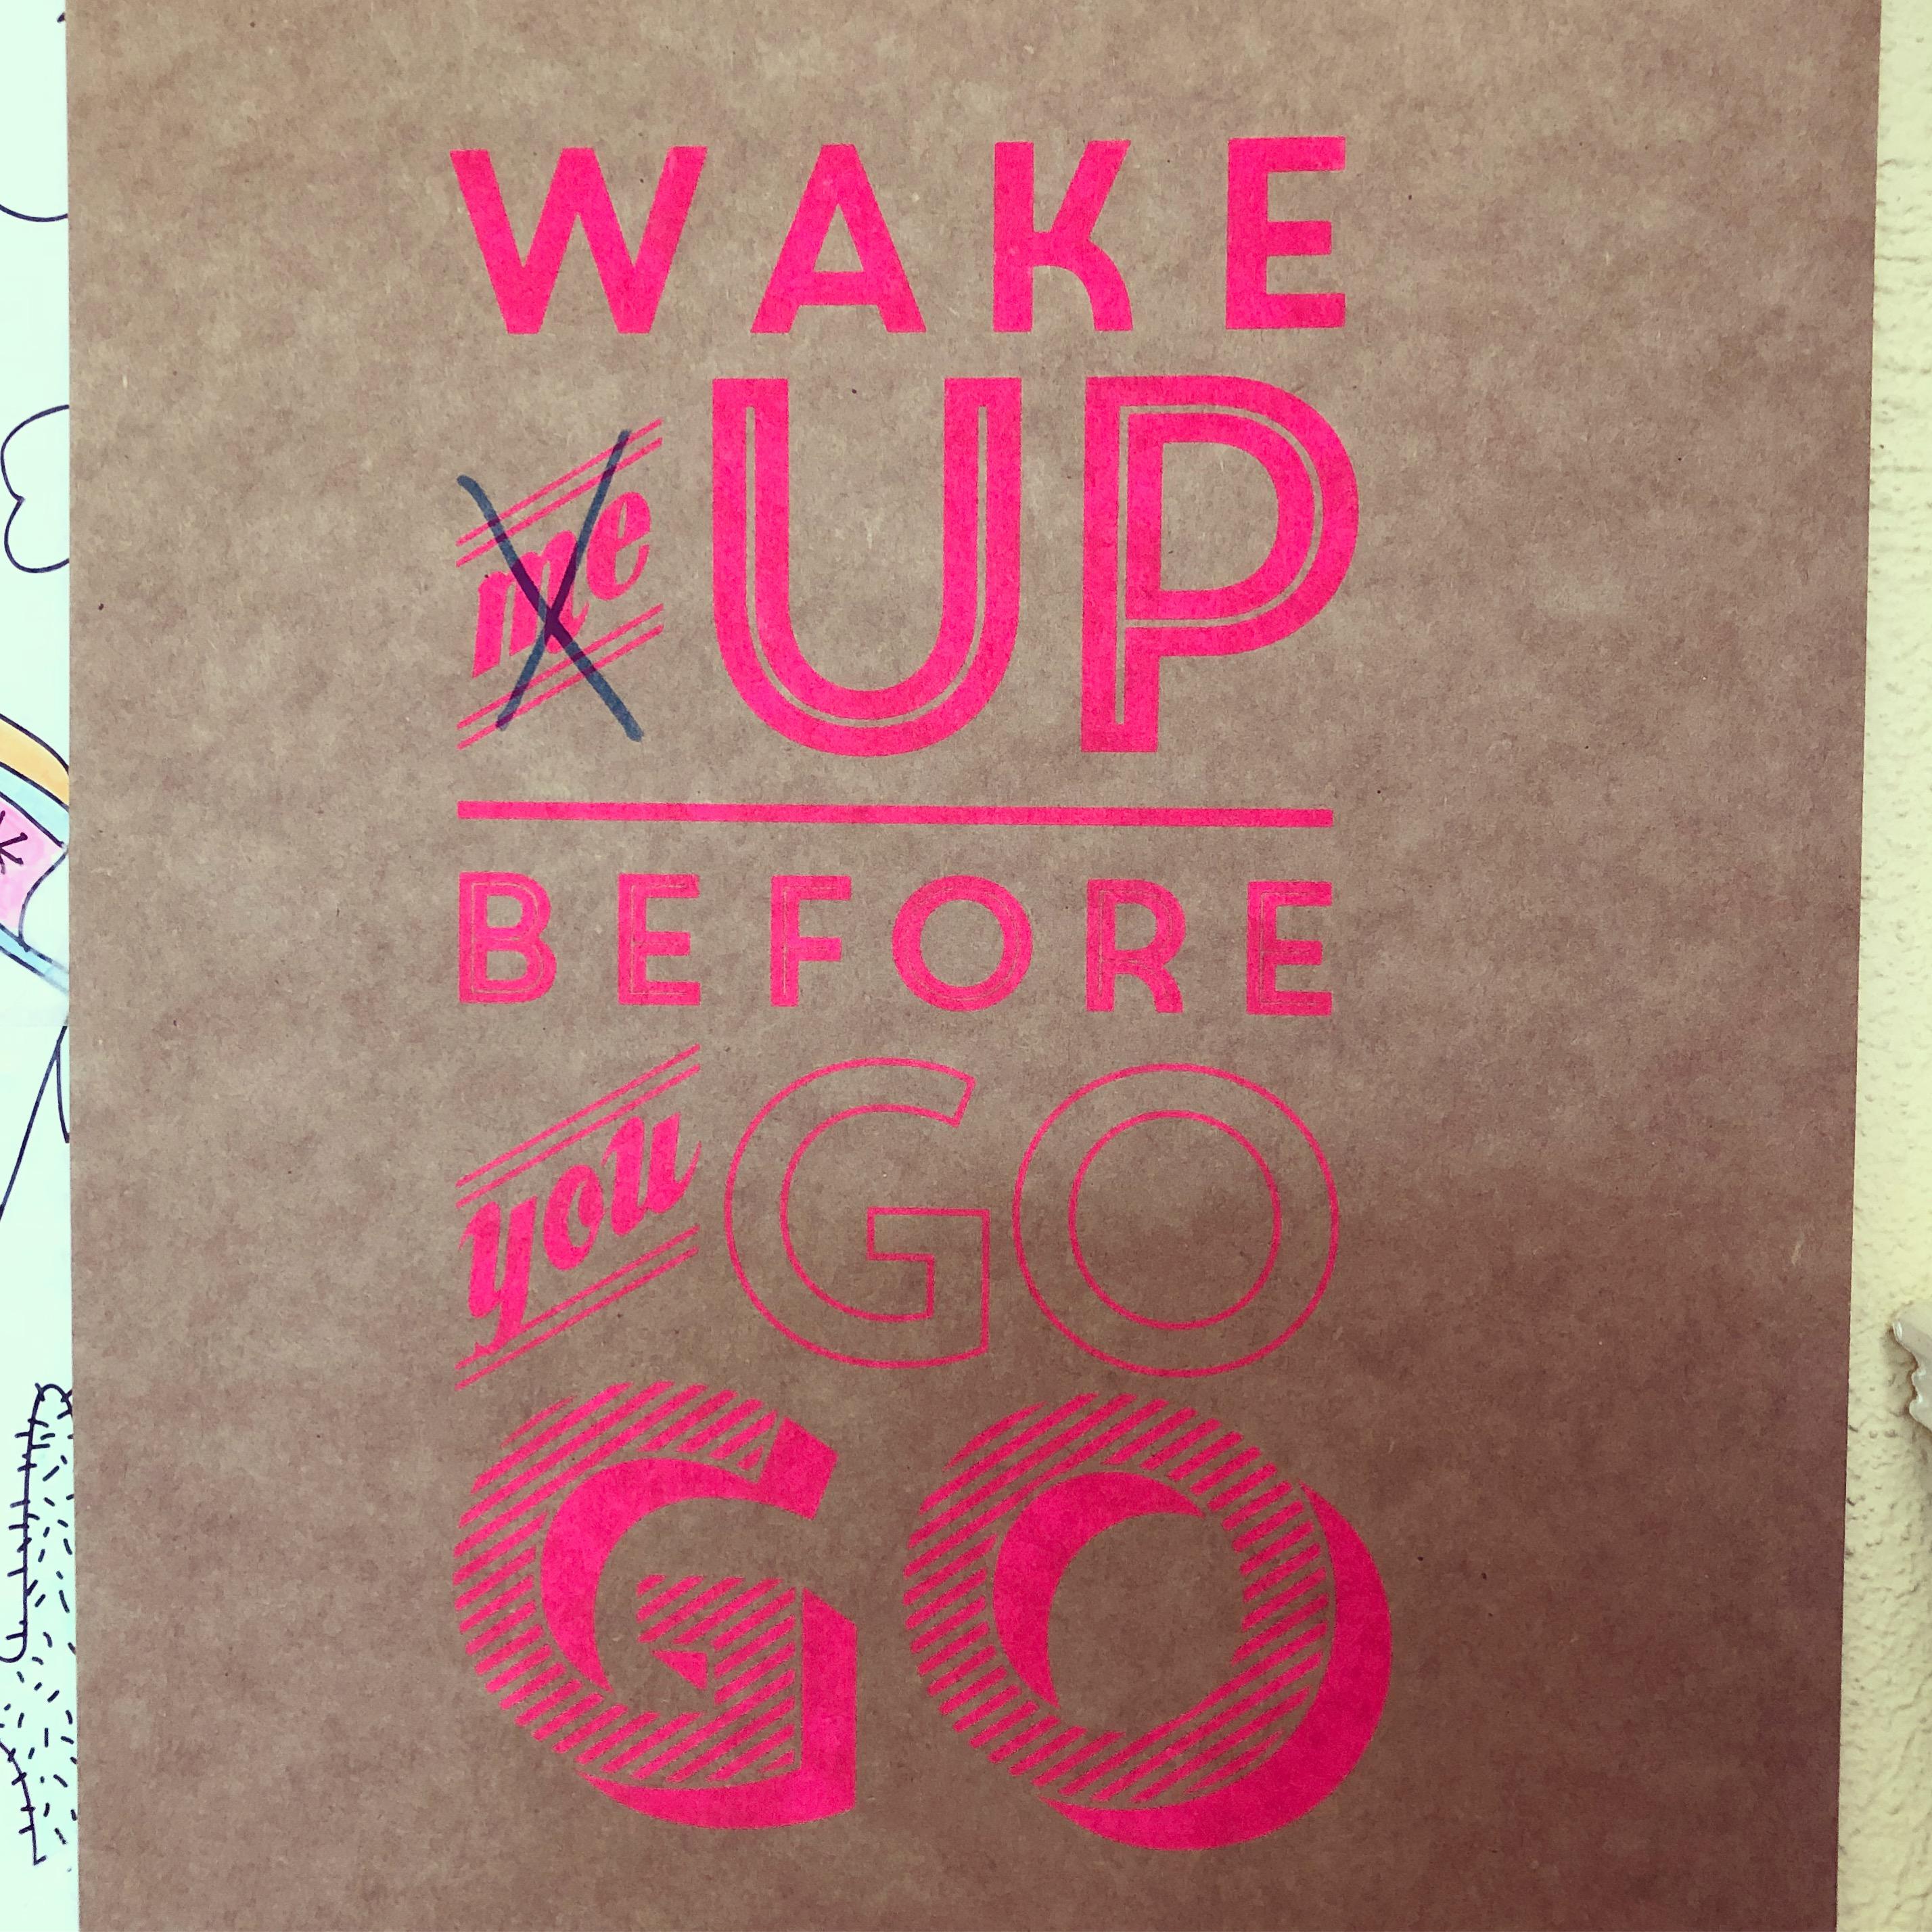 Wake up before you gogo